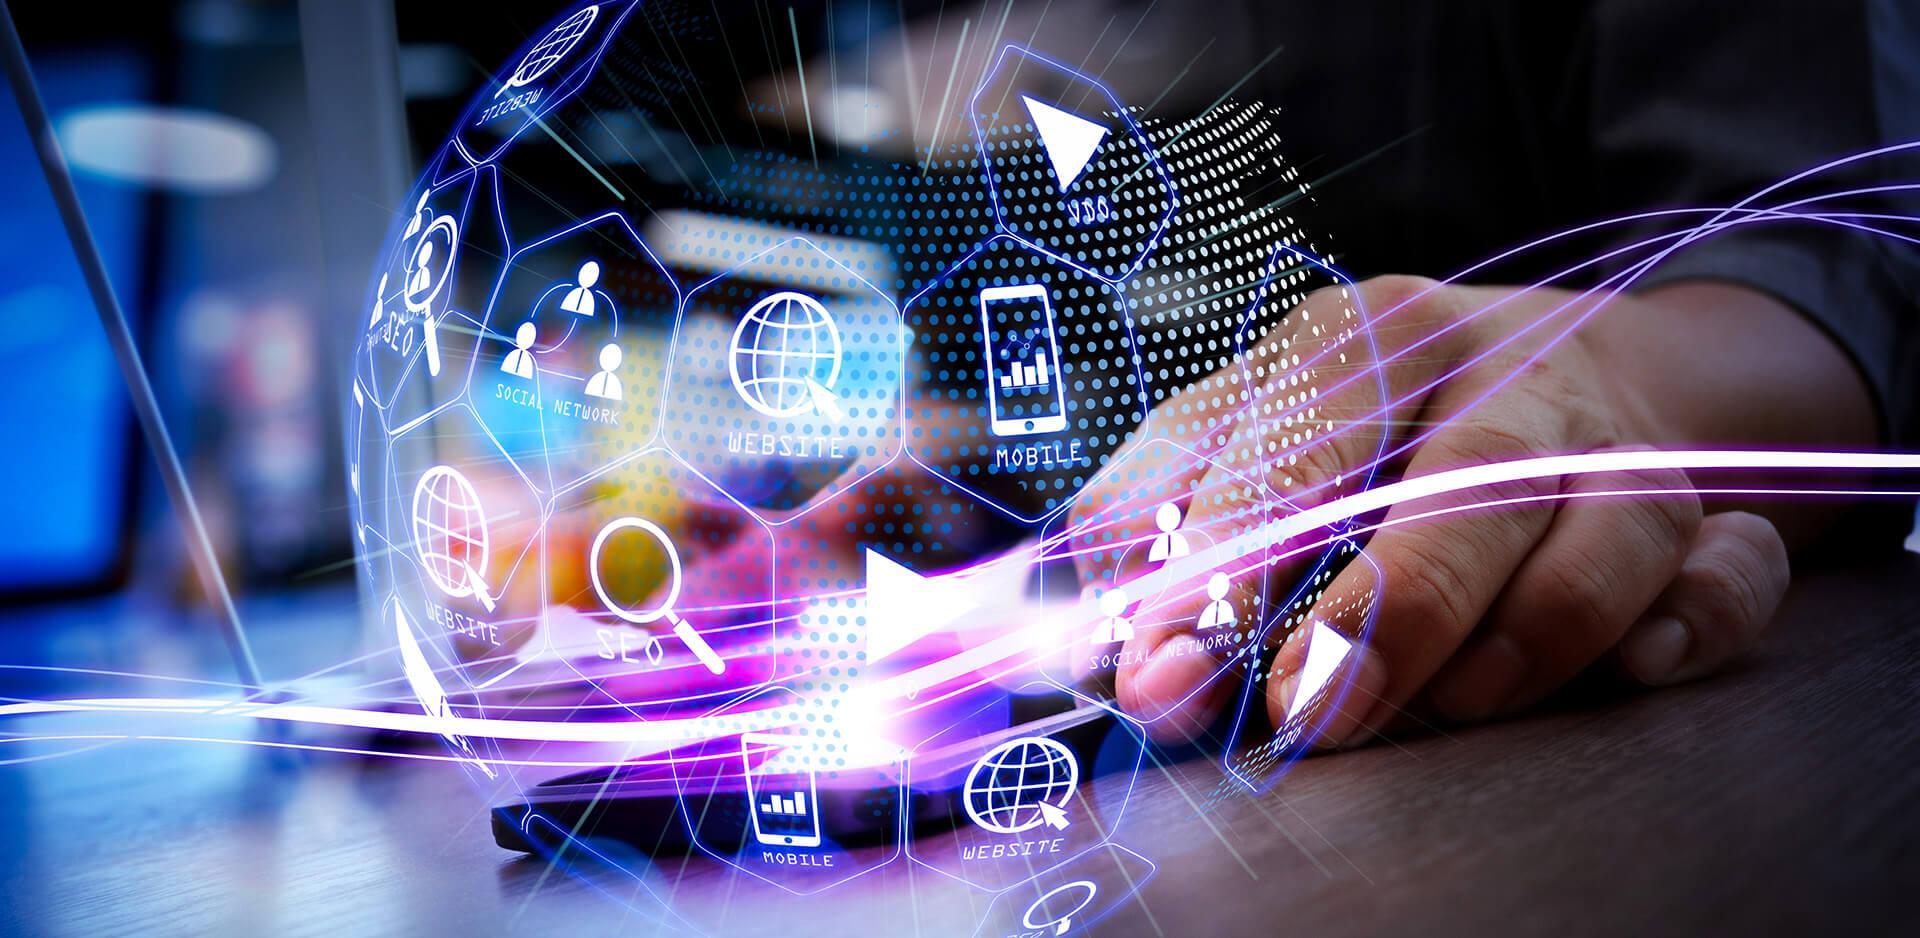 Virtuální koule obsahující symboly digitálního světa s rukou v pozadí